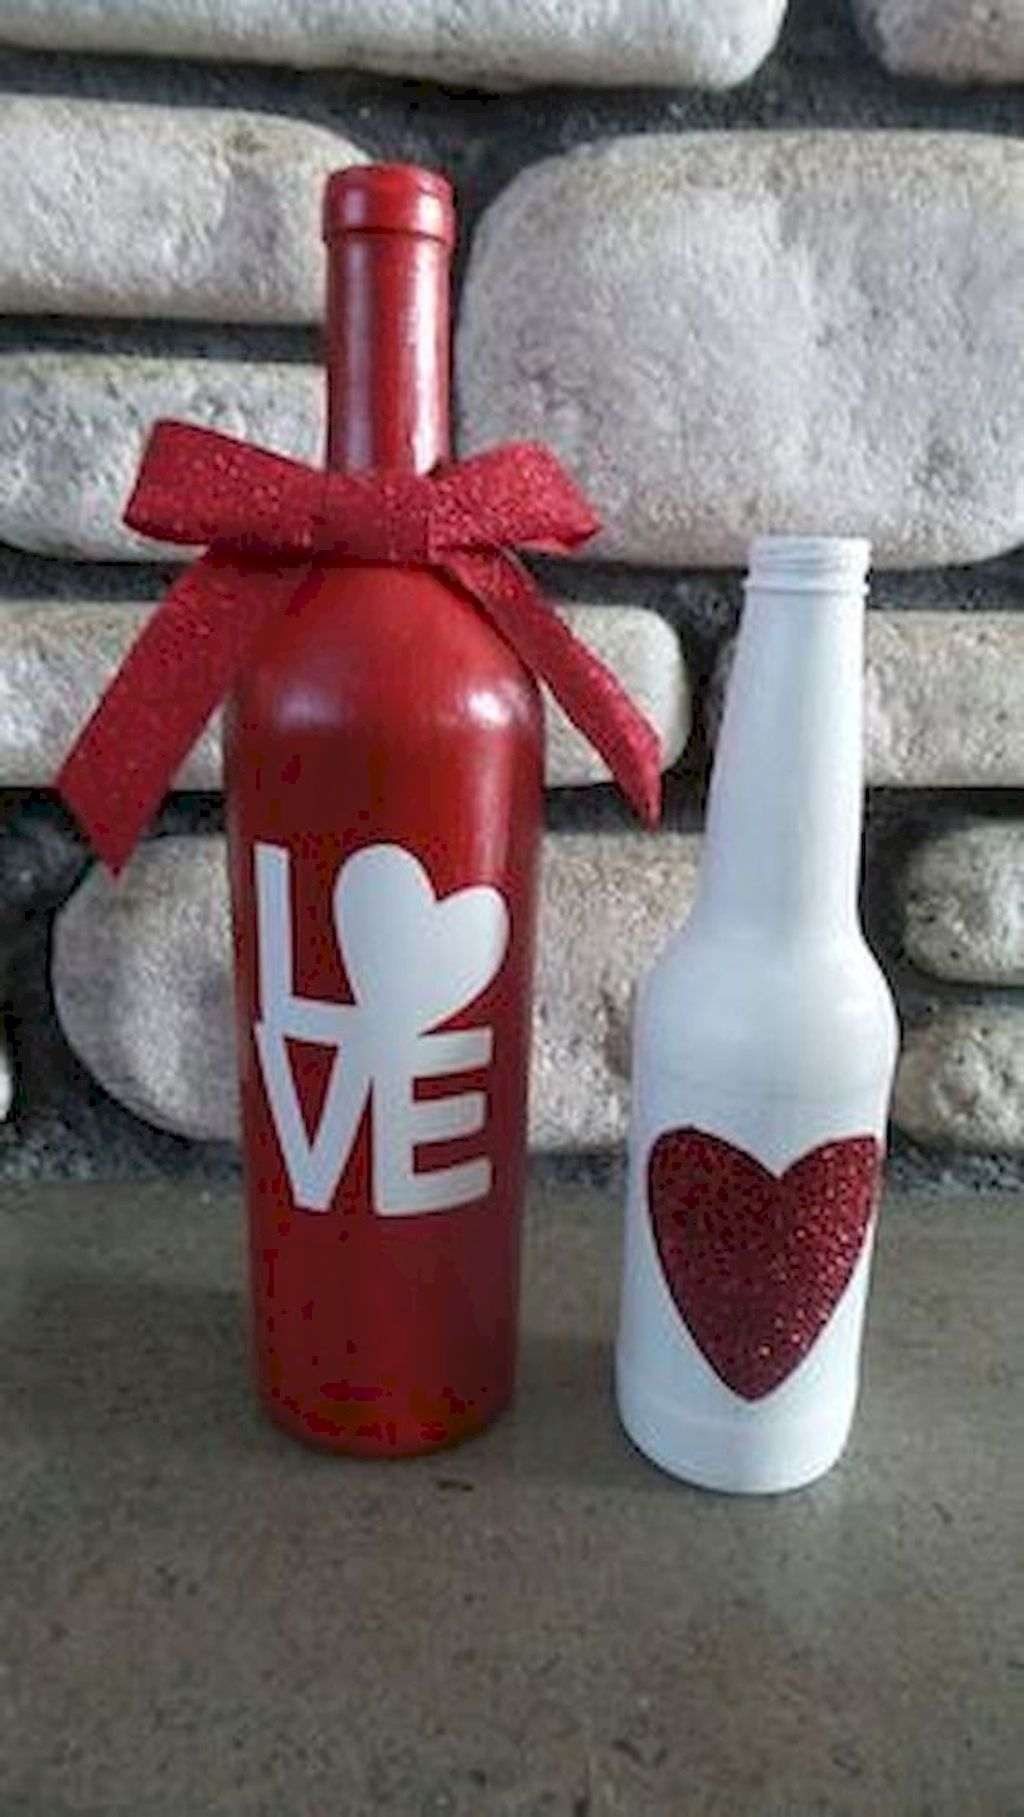 50 Romantic Valentines Day Decor Ideas In 2020 Valentines Wine Bottle Crafts Valentines Wine Bottles Valentines Day Wine